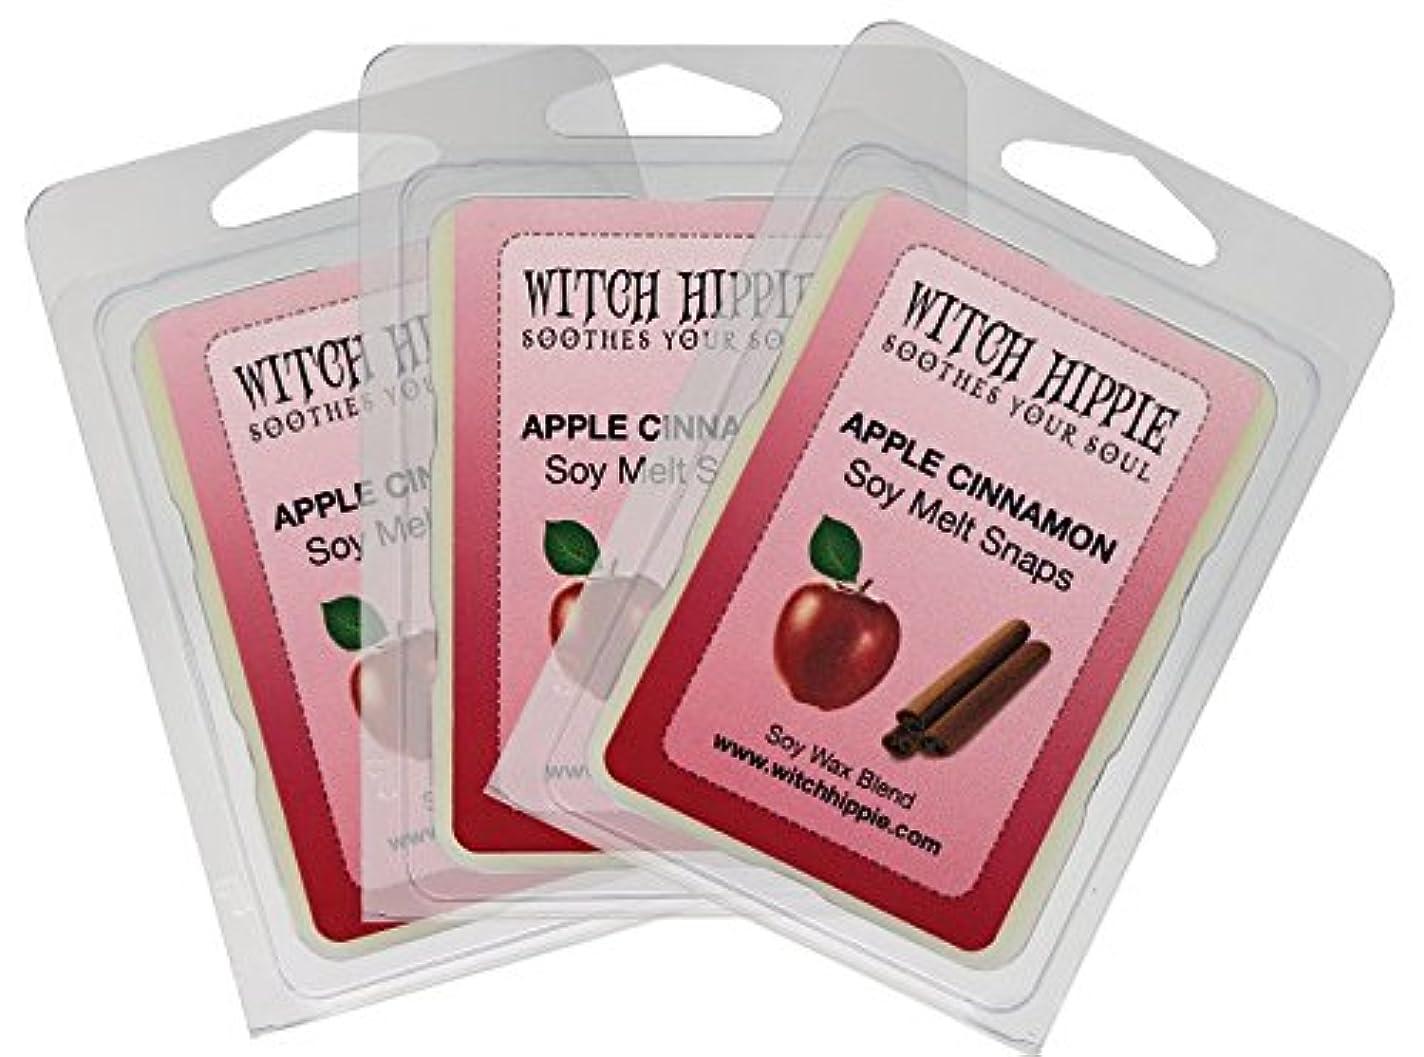 ダイヤモンド究極の抽象アップルシナモンの香り付き芯なしキャンドルタルト 3パック 天然ソイワックスキューブ18個 フレッシュなシナモンスティックのパウダーを散りばめた赤いジューシーなマッキントッシュリンゴの香り